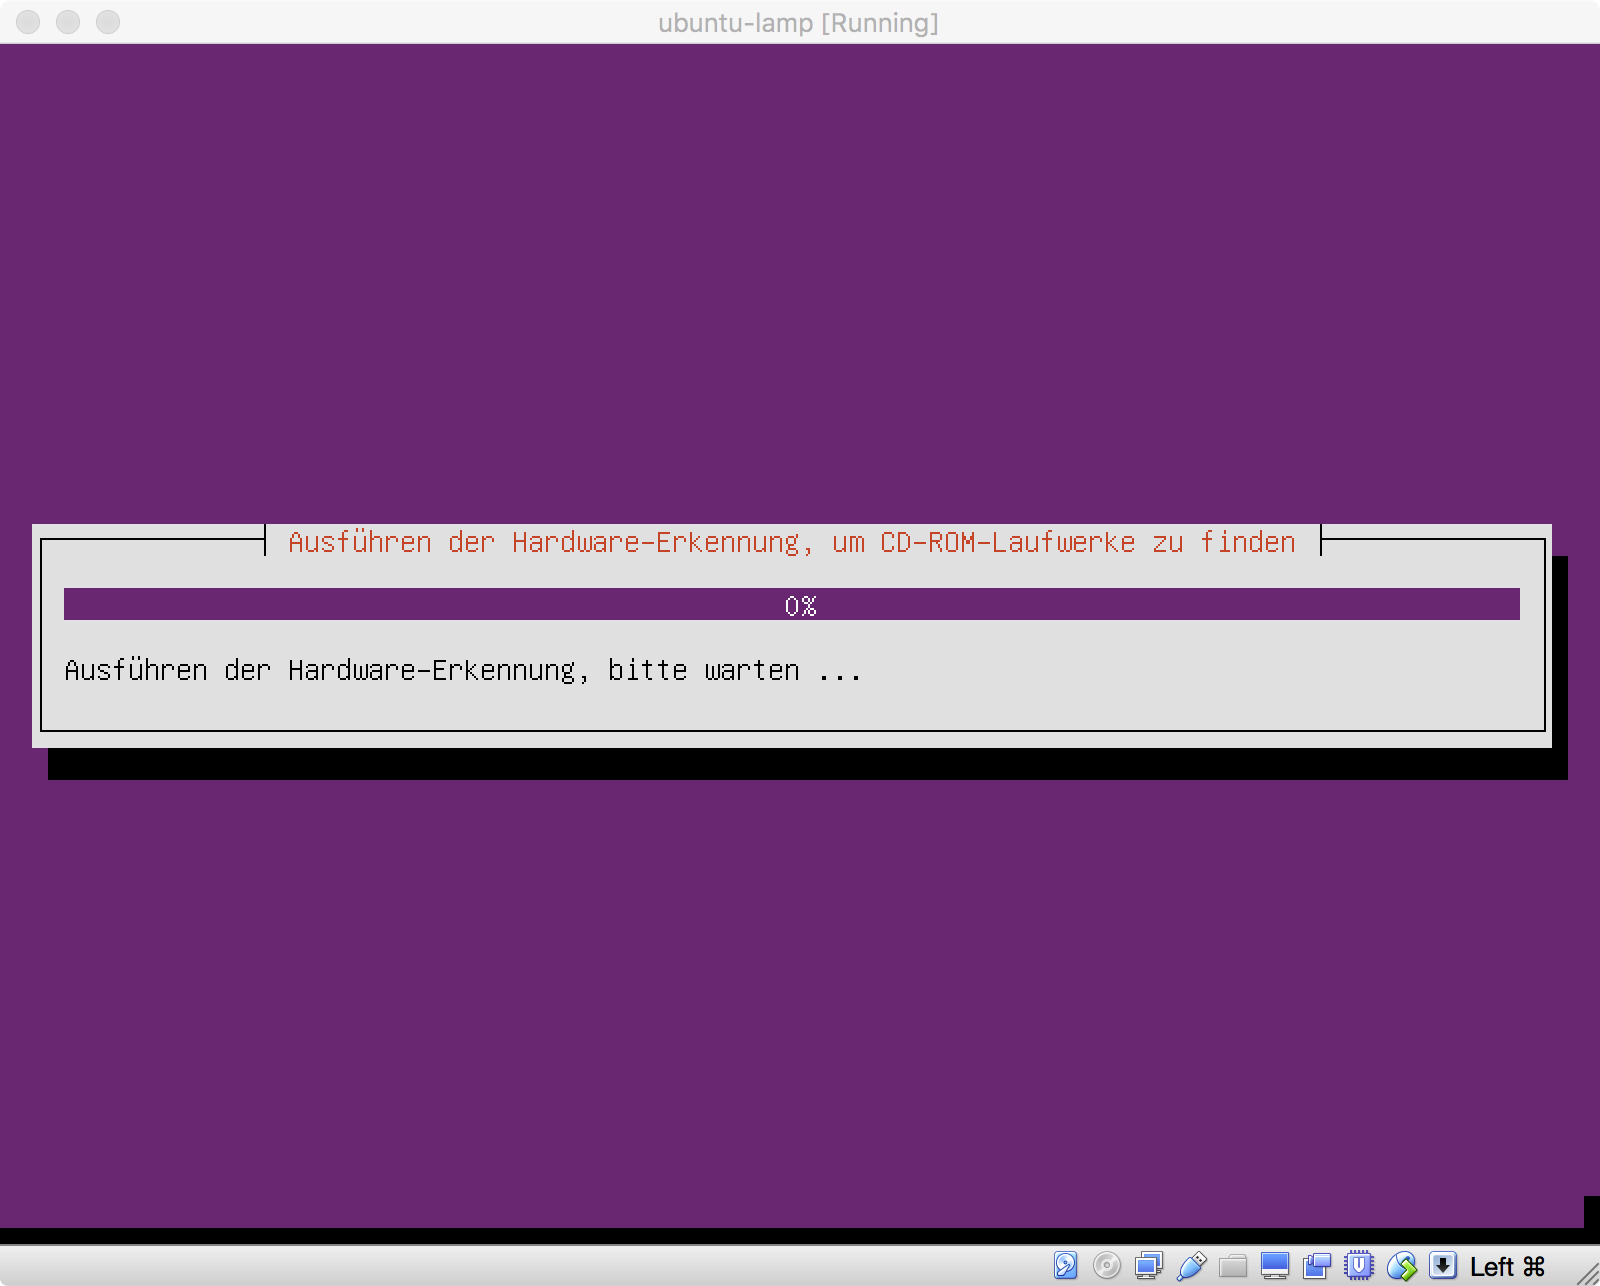 Ubuntu Installation - Hardware-Erkennung und automatische Konfiguration